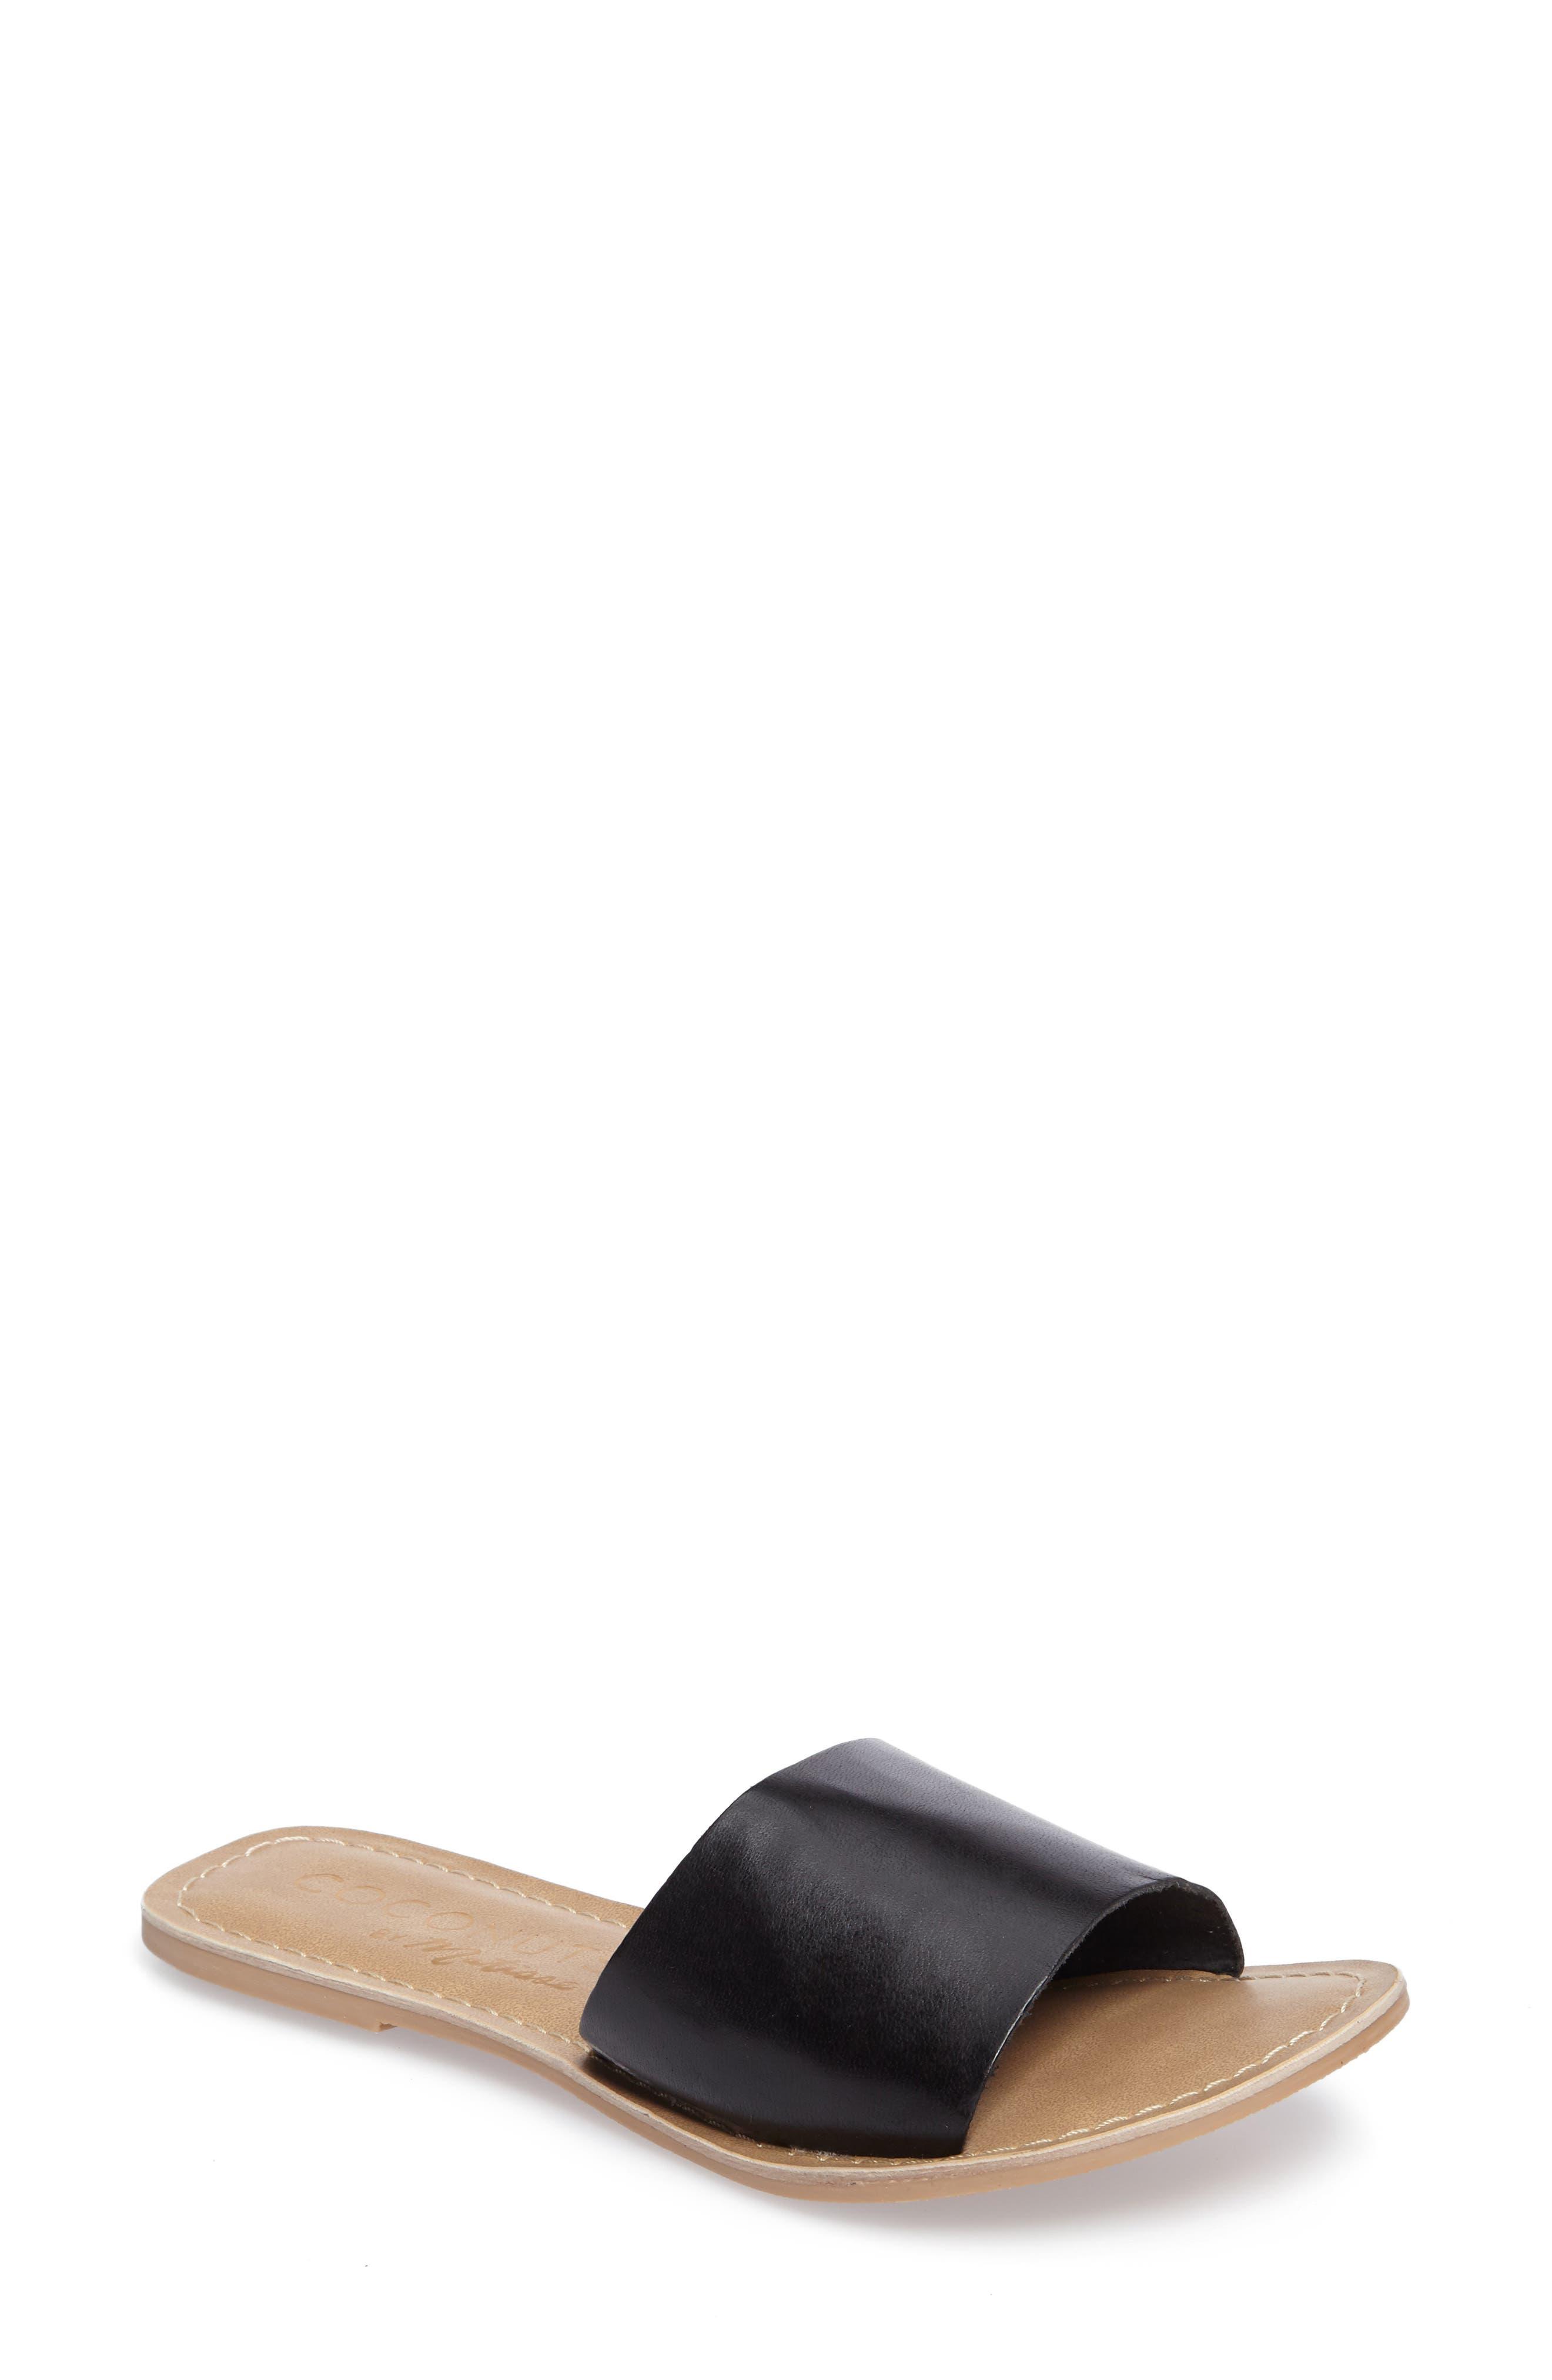 Cabana Slide Sandal,                         Main,                         color, BLACK LEATHER